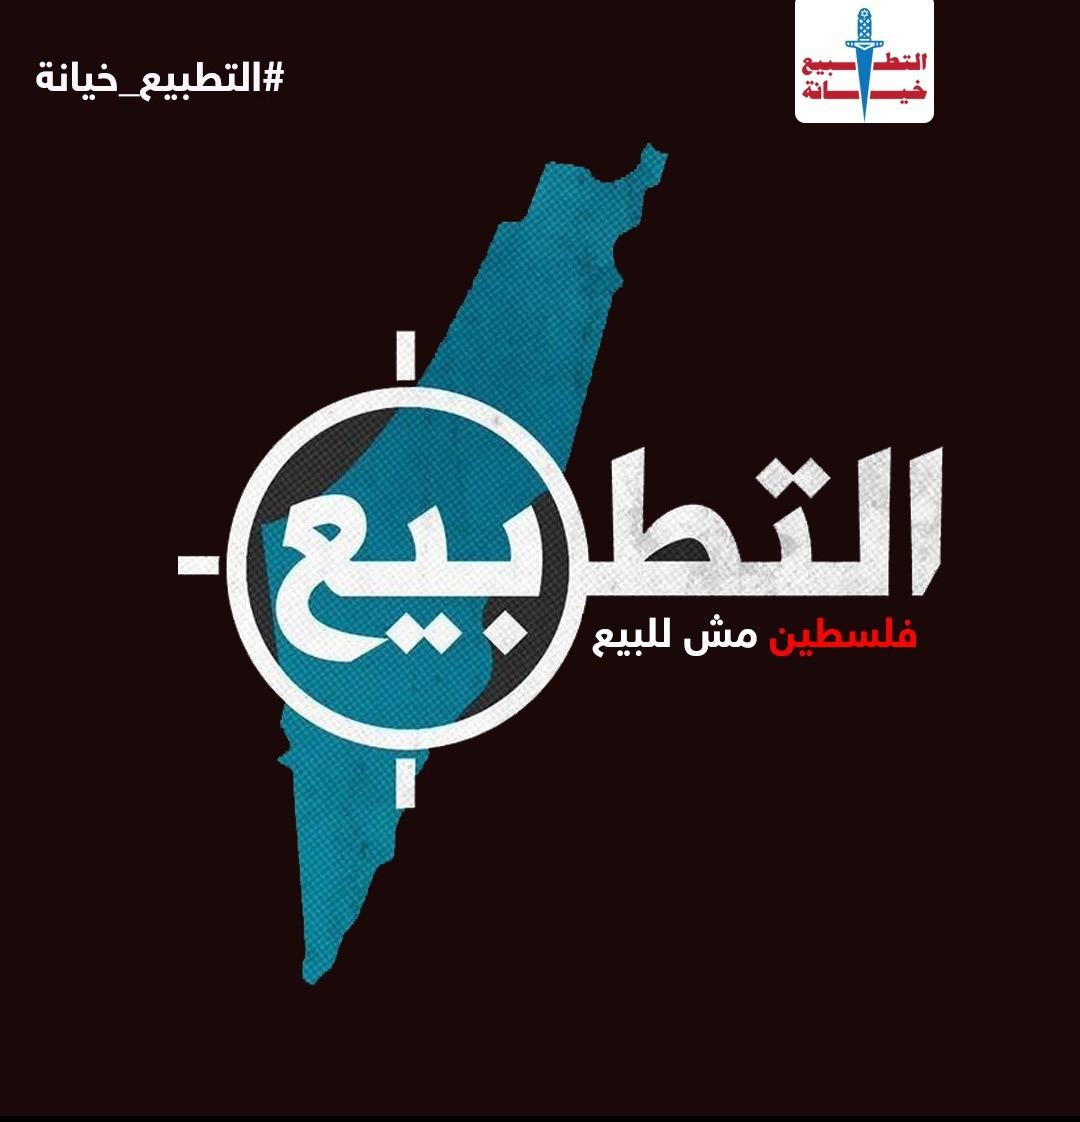 التطبيع خيانة.. العالم يغرد دعمًا لفلسطين ورفضًا لخيانتها